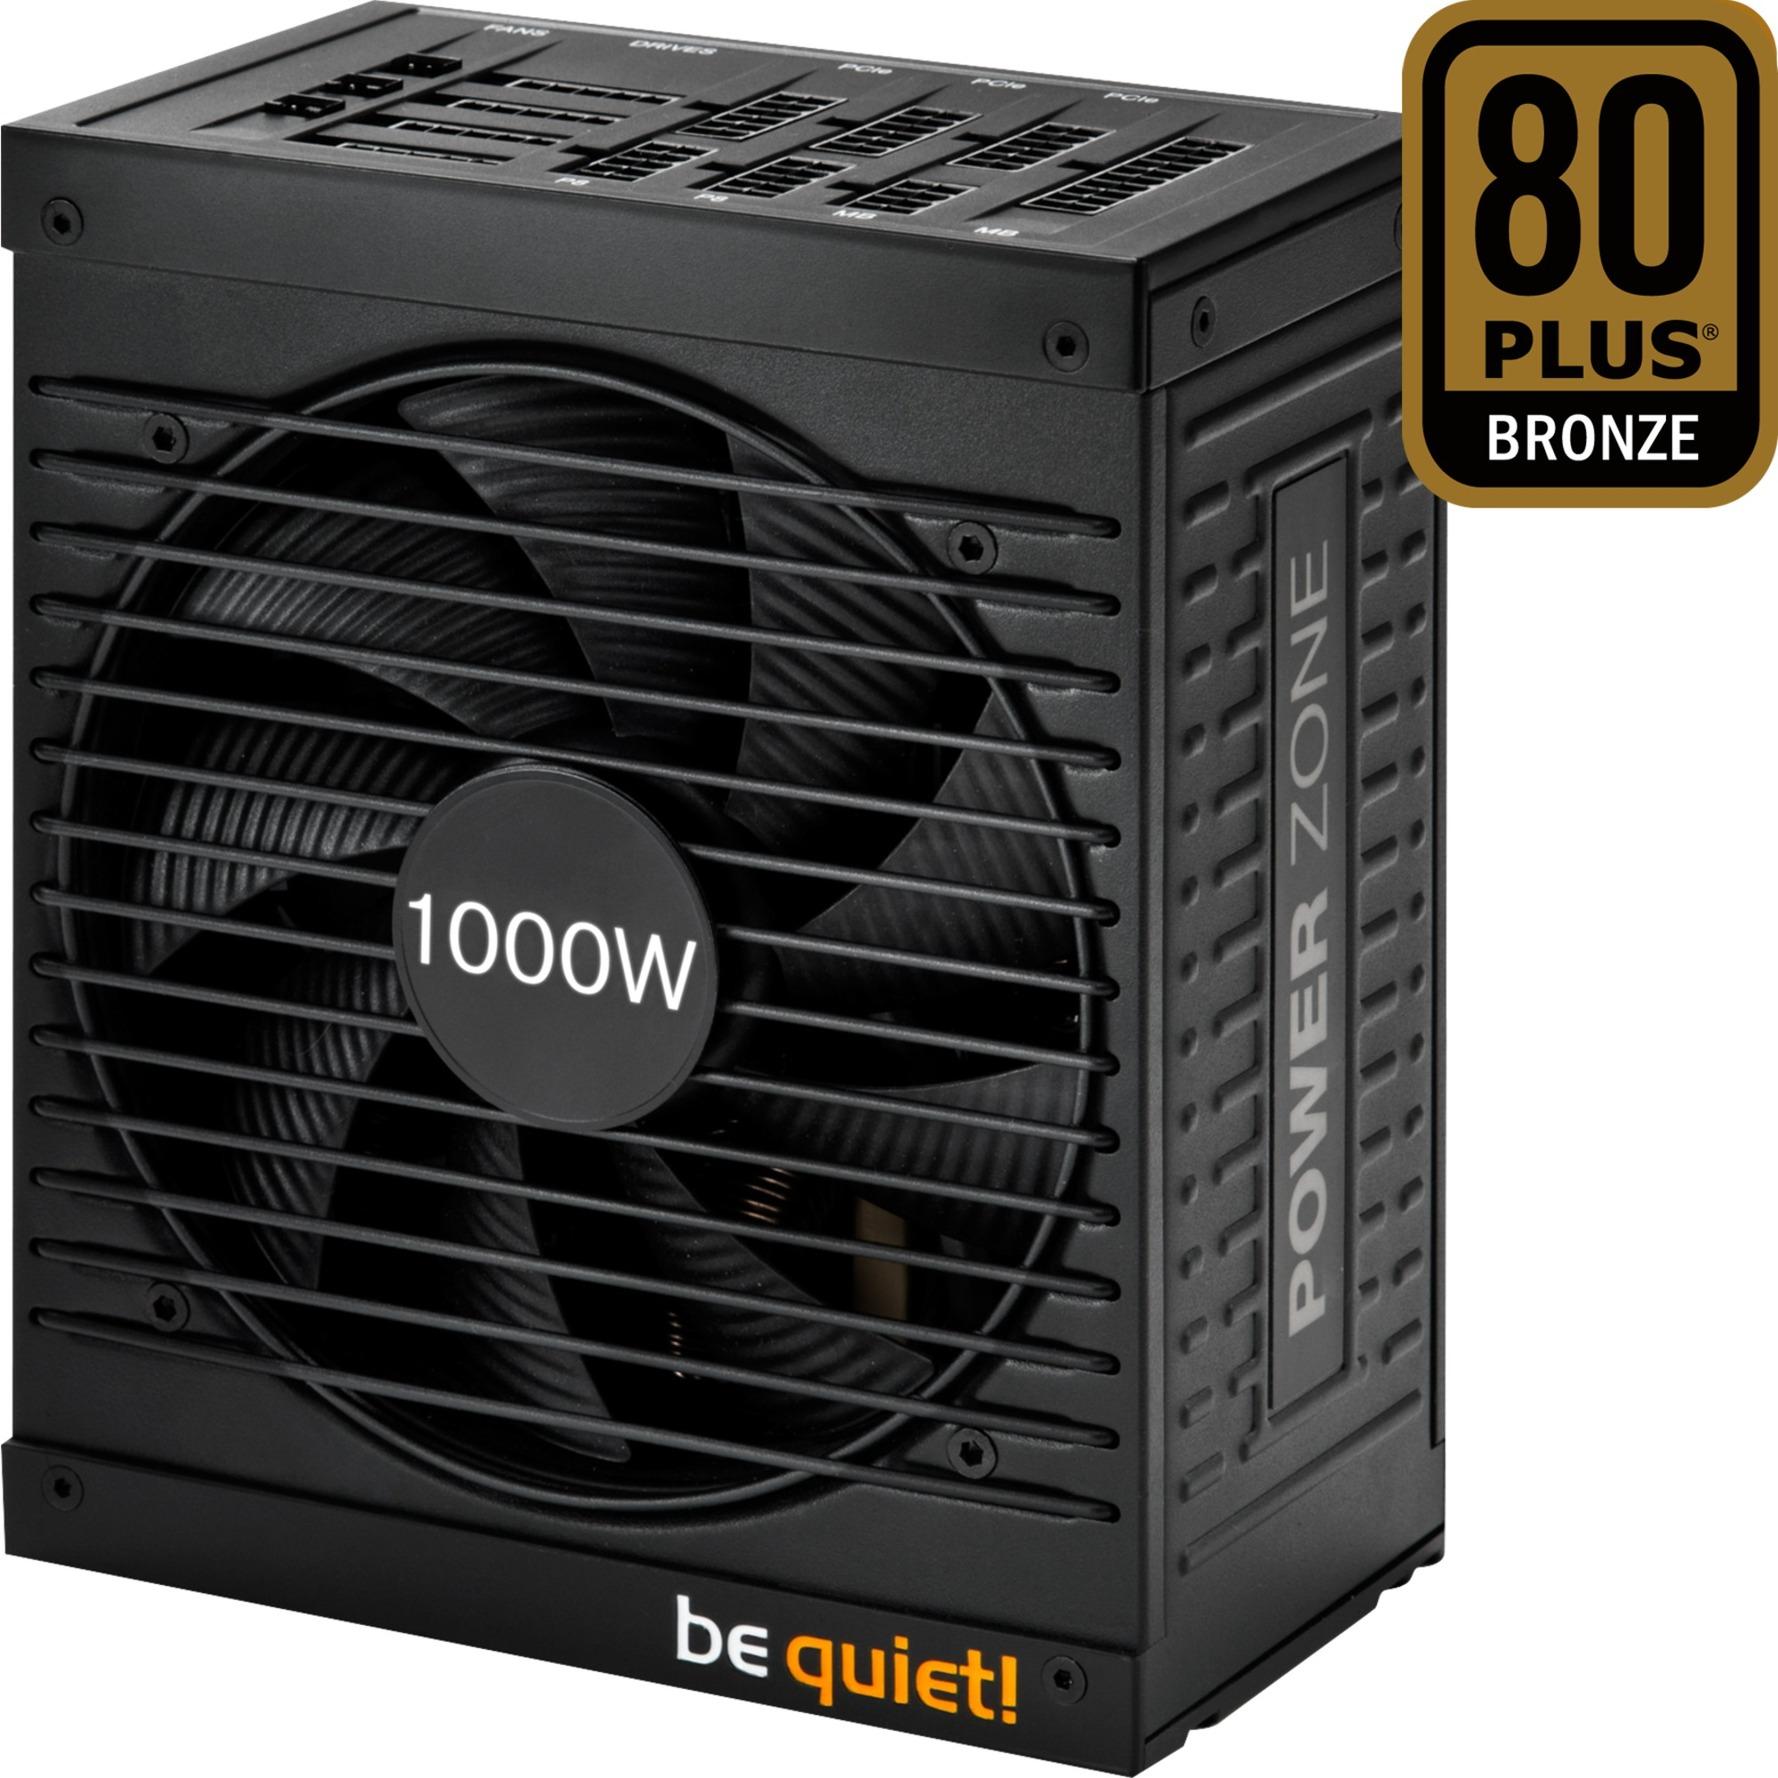 BN213 1000W ATX Negro unidad de fuente de alimentación, Fuente de alimentación de PC